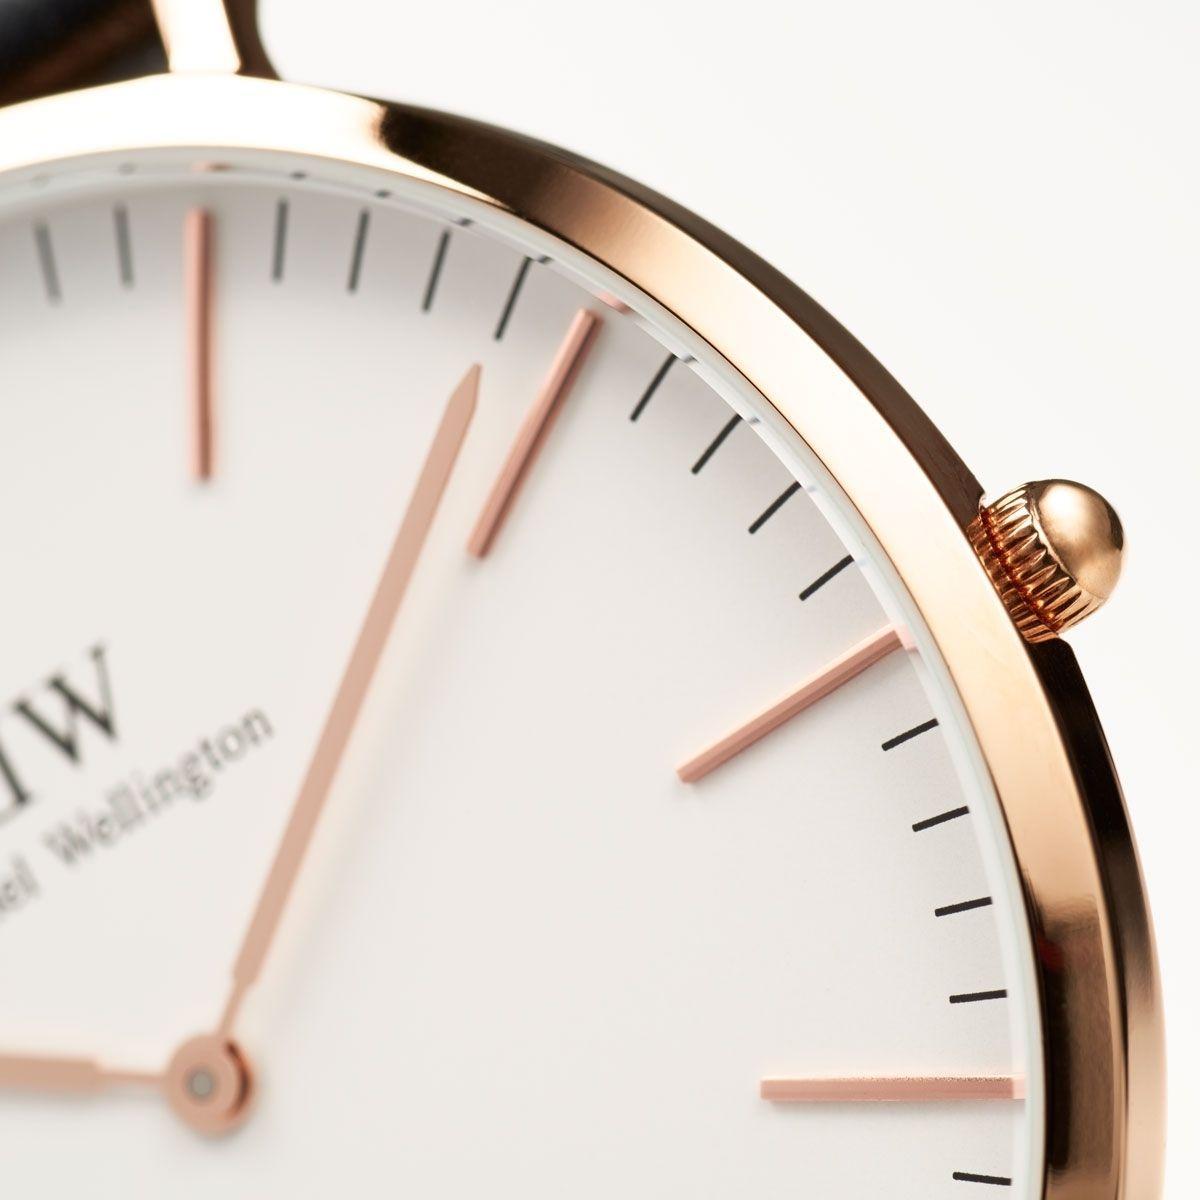 dw官网 dw手表官网 dw中国官网 dw官方旗舰店 DW DW官网  W Classic Cornwall RG 40mm